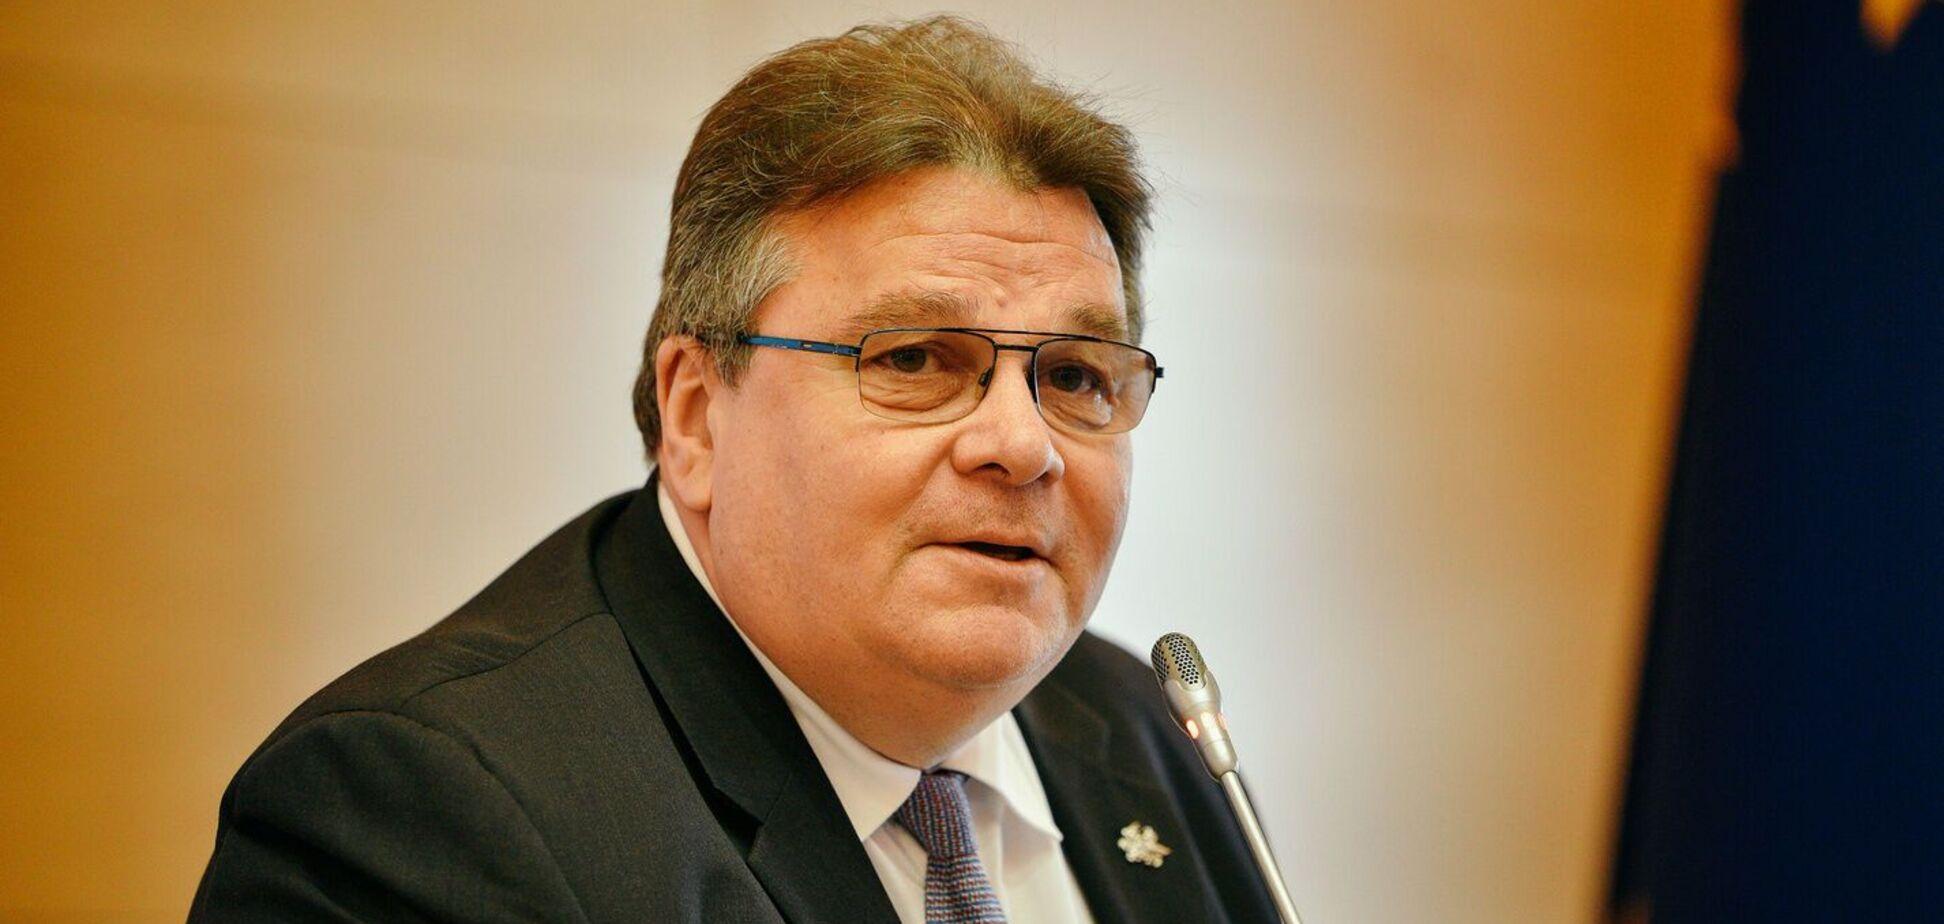 Лінкявічюс висловив стурбованість переслідуванням Порошенка в Україні